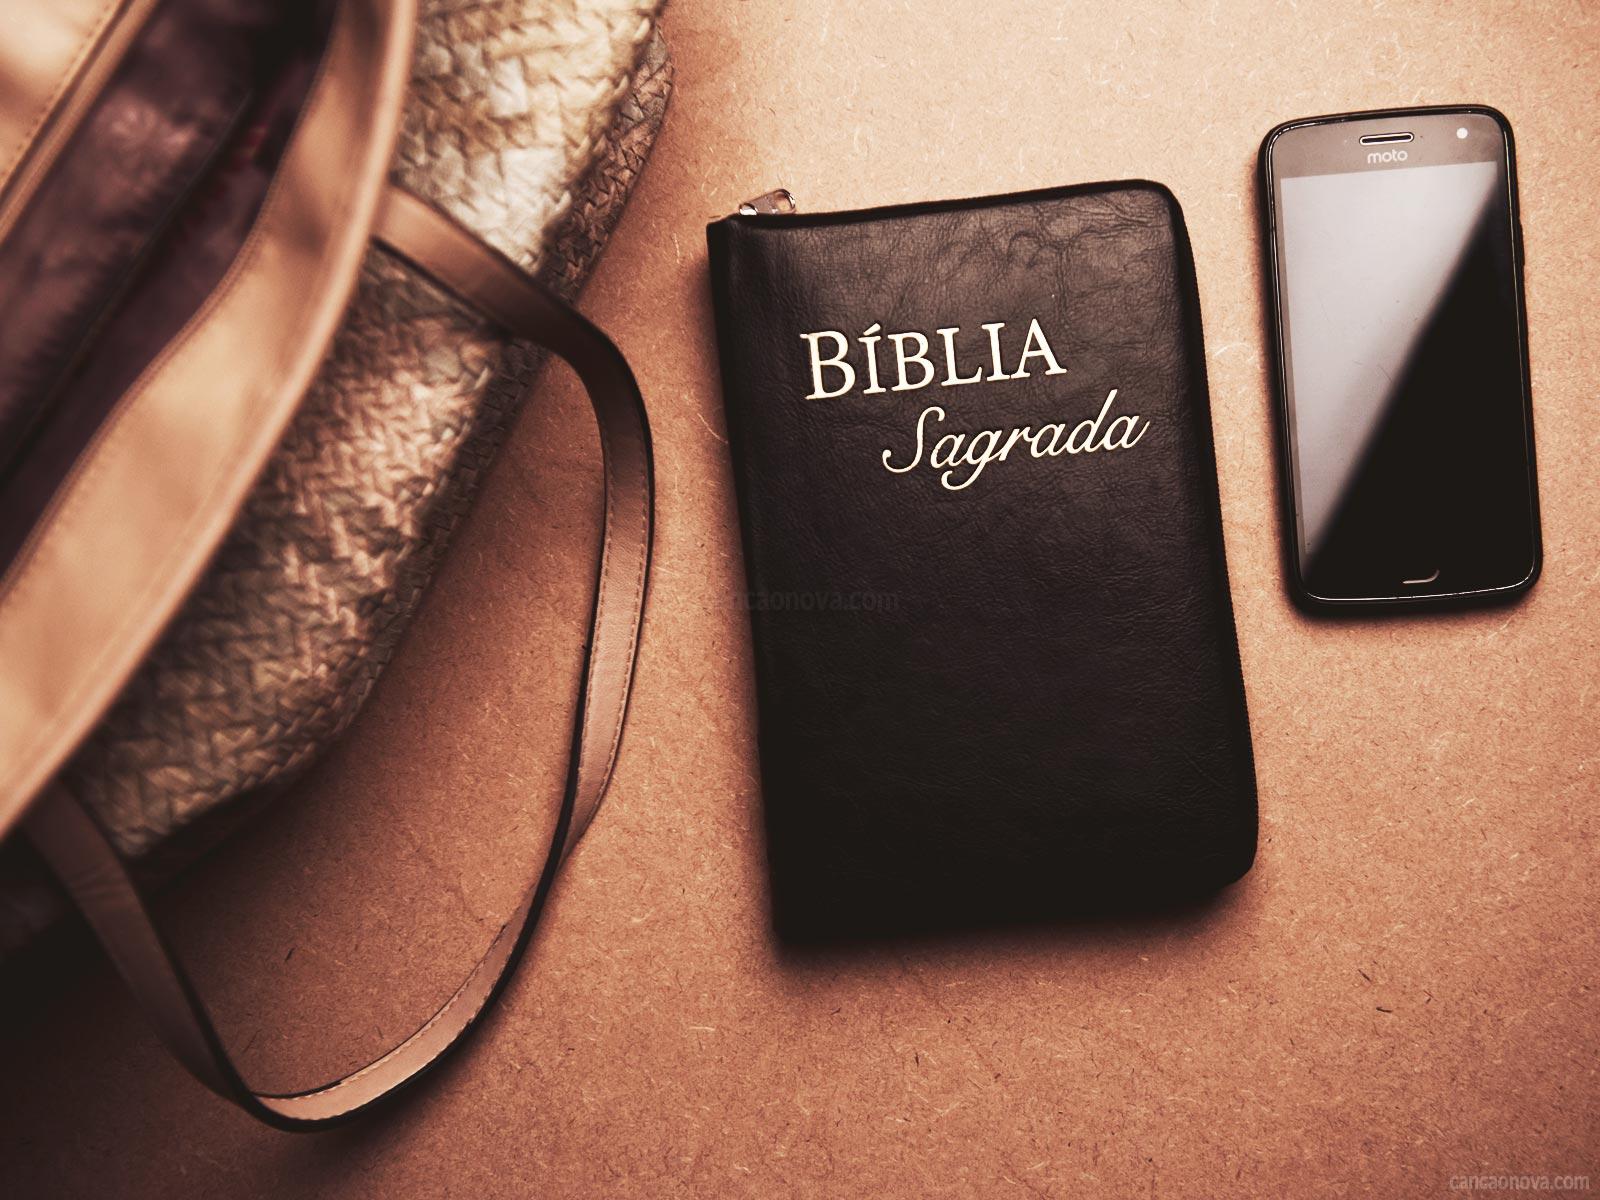 Você tem o costume de levar a Bíblia com você?